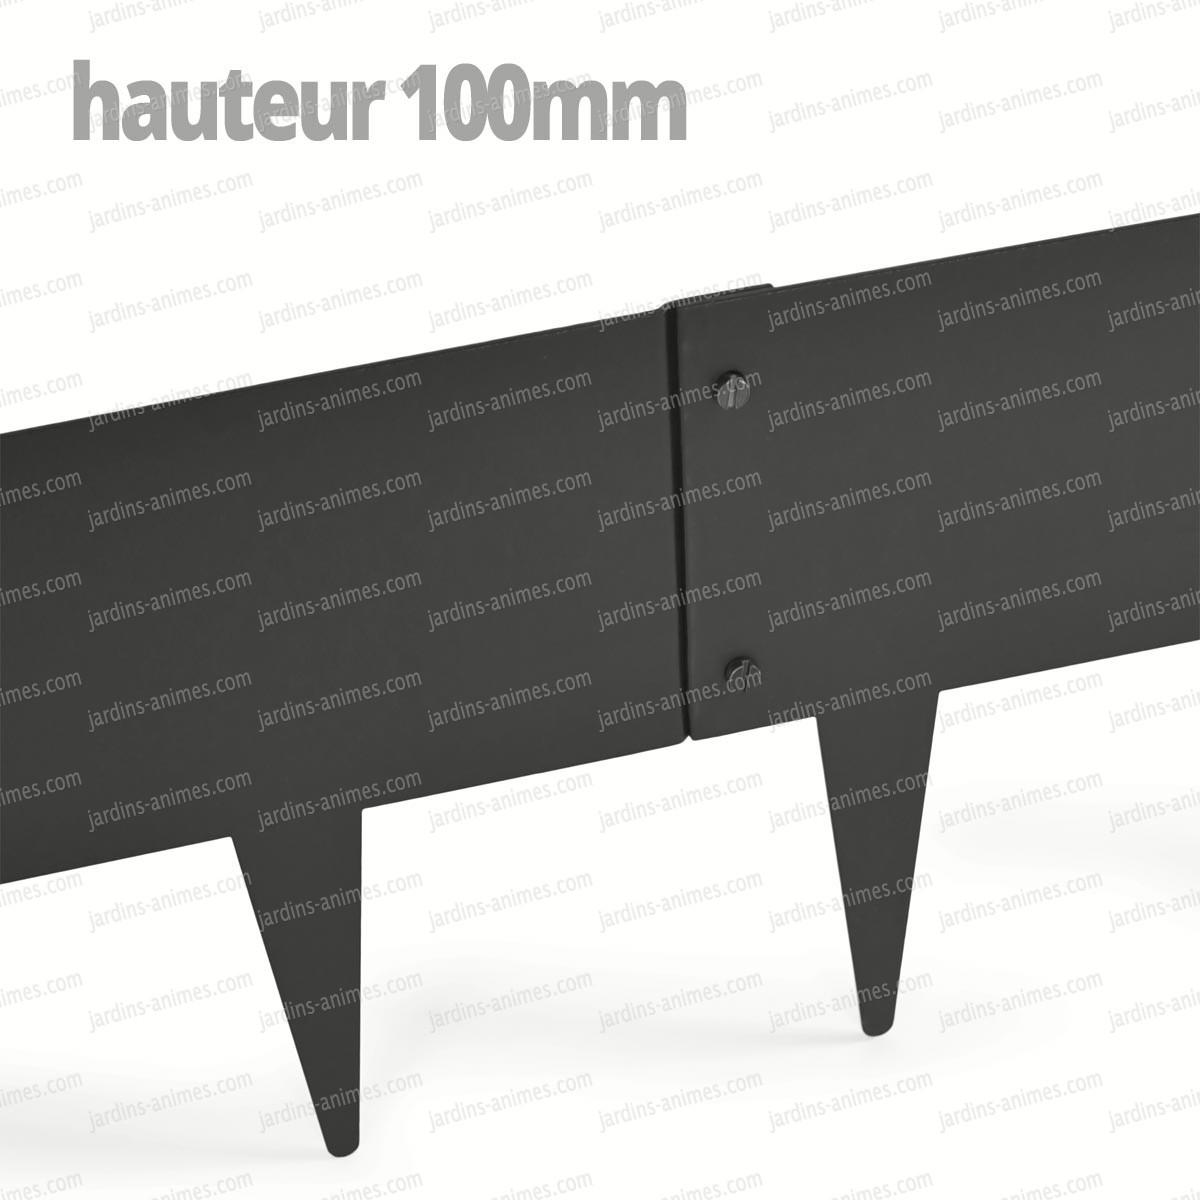 bordurette m tal acier fran ais x gris ral 7022 bordure de jardin. Black Bedroom Furniture Sets. Home Design Ideas